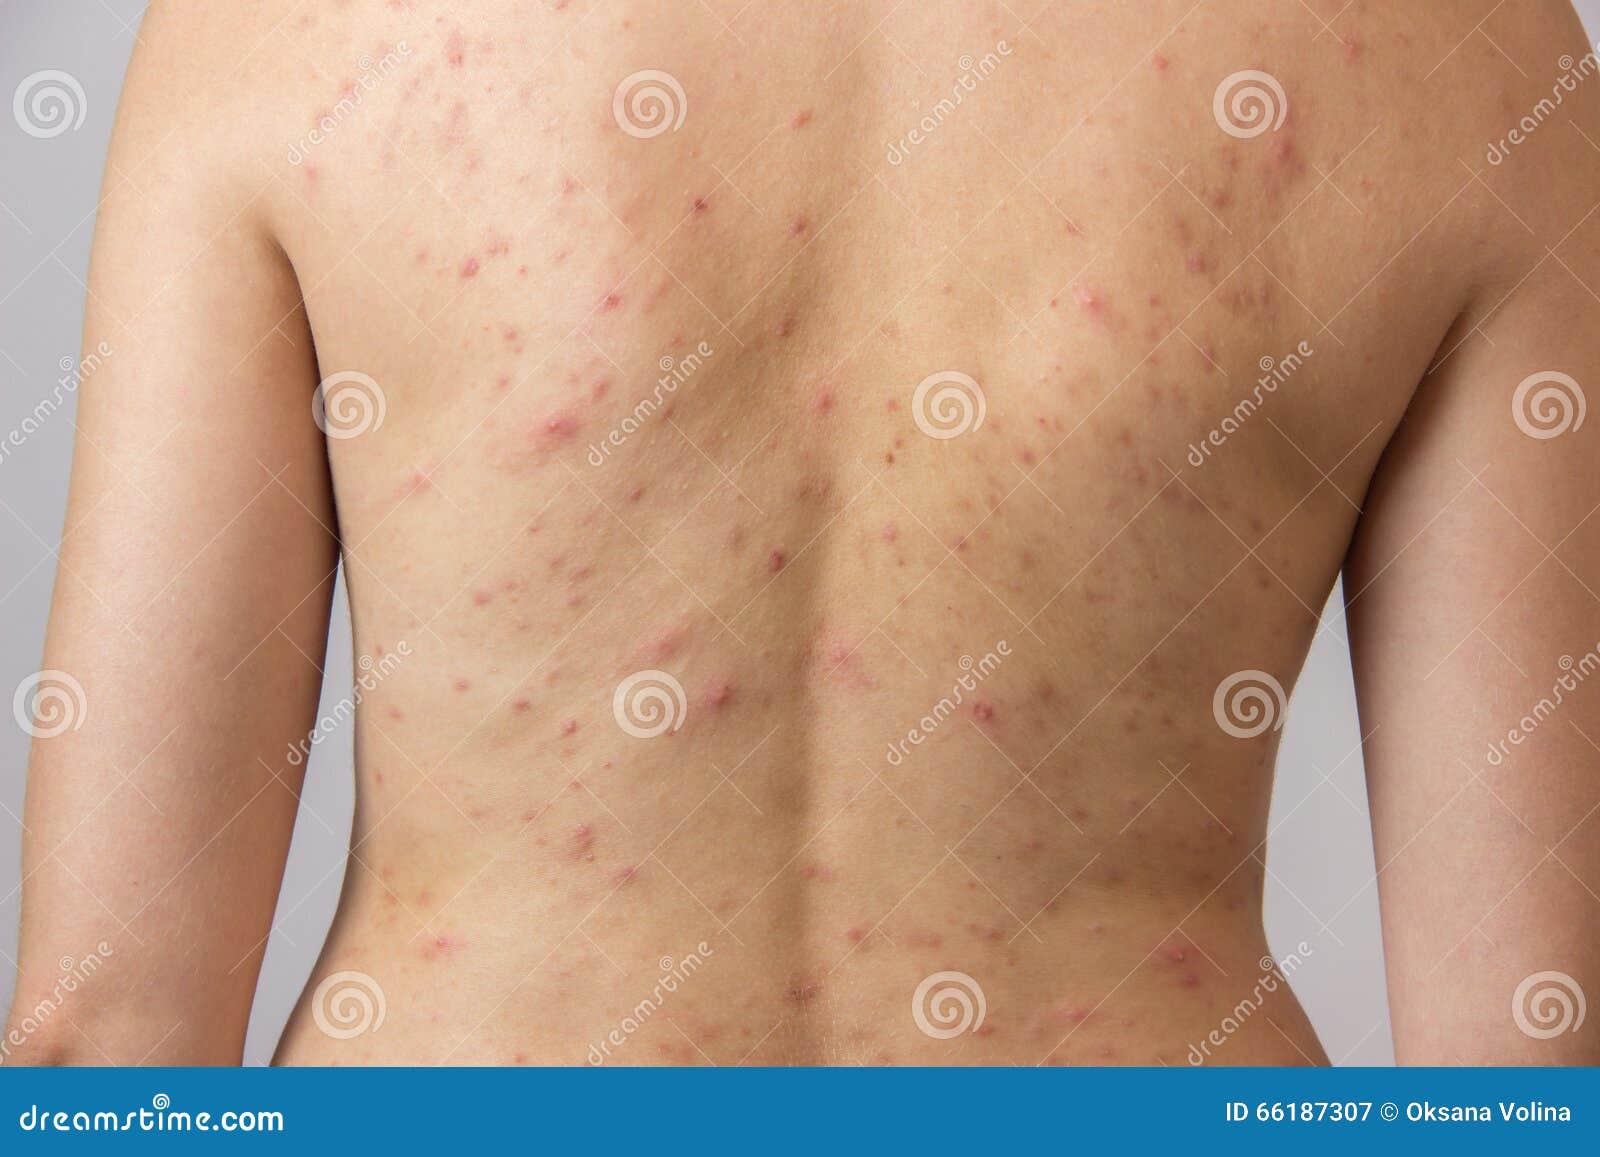 Ragazza con acne, con i punti rossi e bianchi sulla parte posteriore